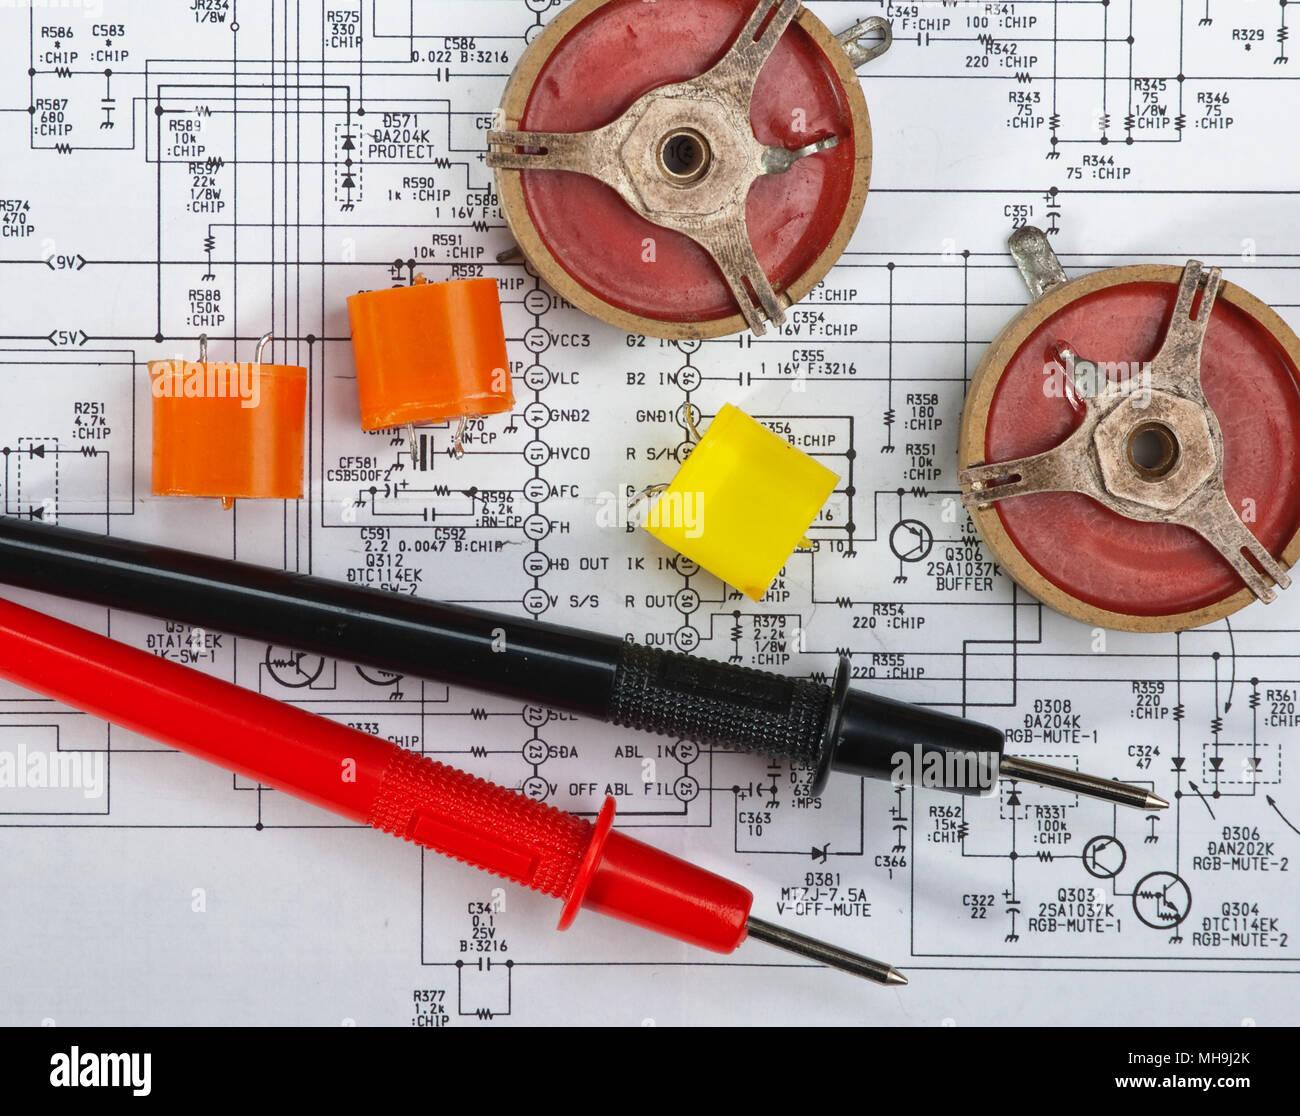 Schema Di Cablaggio : Vecchi componenti elettronici giacciono sullo schema di cablaggio